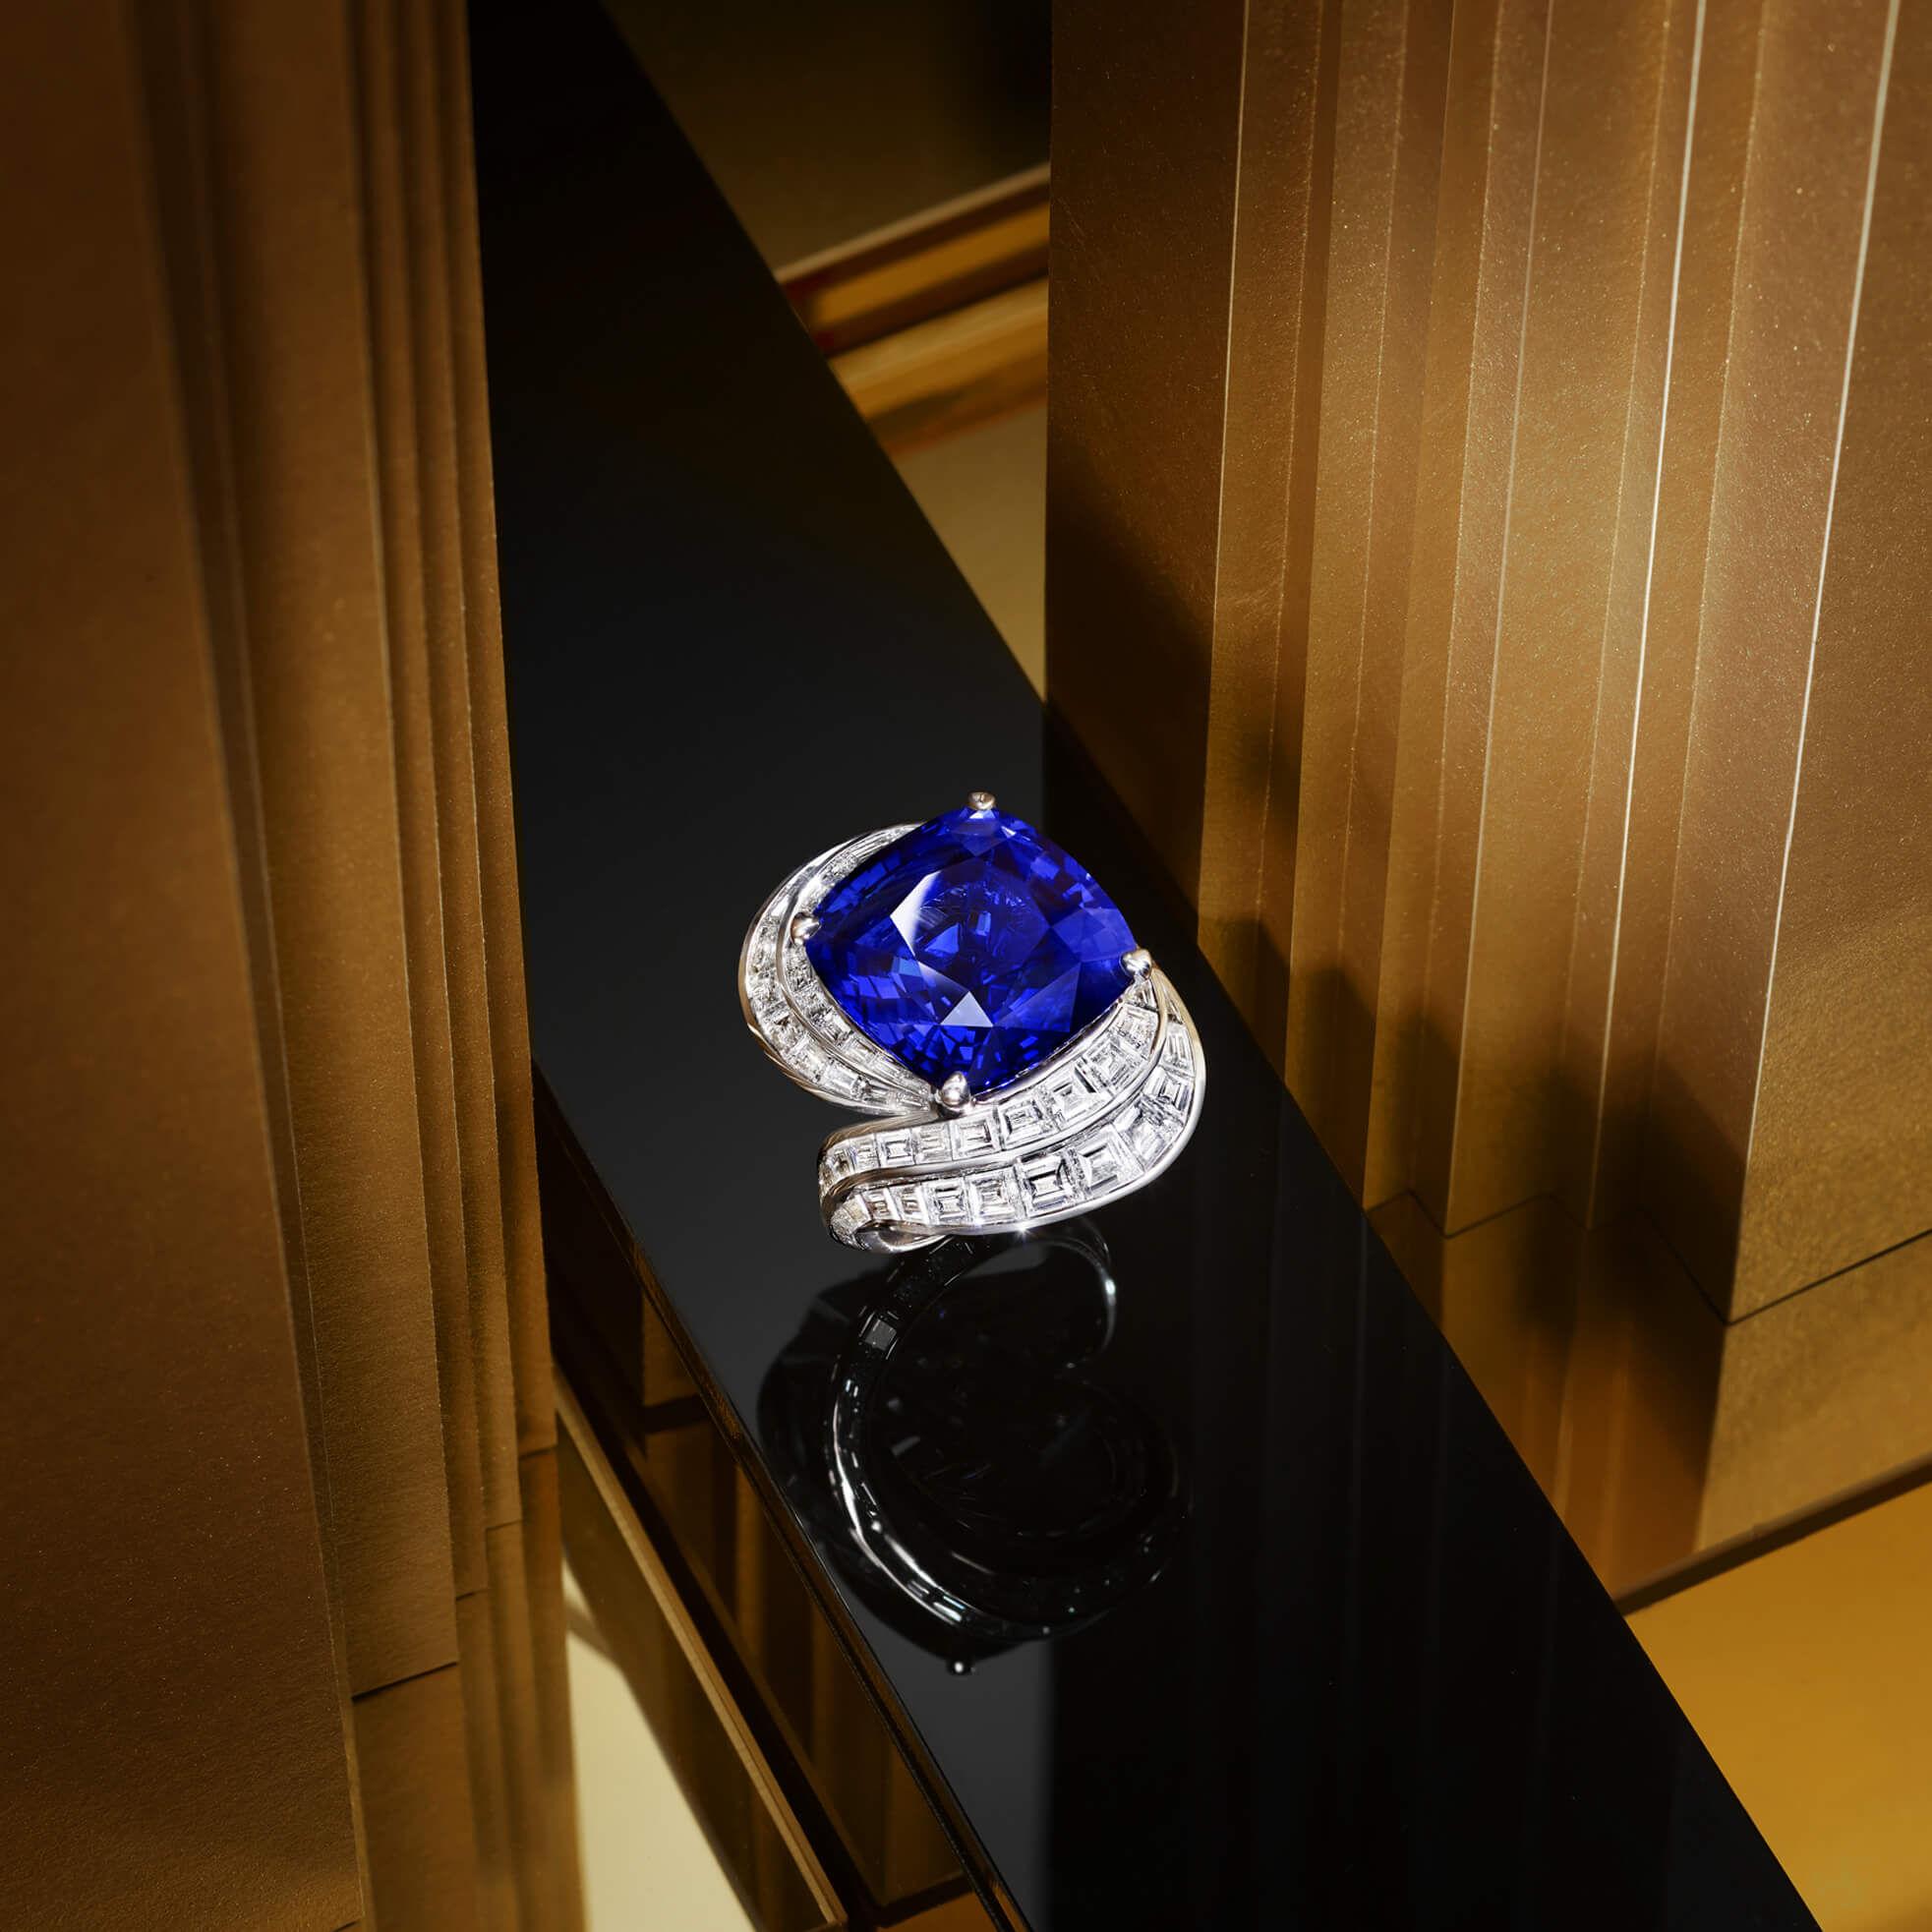 A Graff Sapphire and Diamond Ring featuring a 22.84 ct cushion cut sapphire.